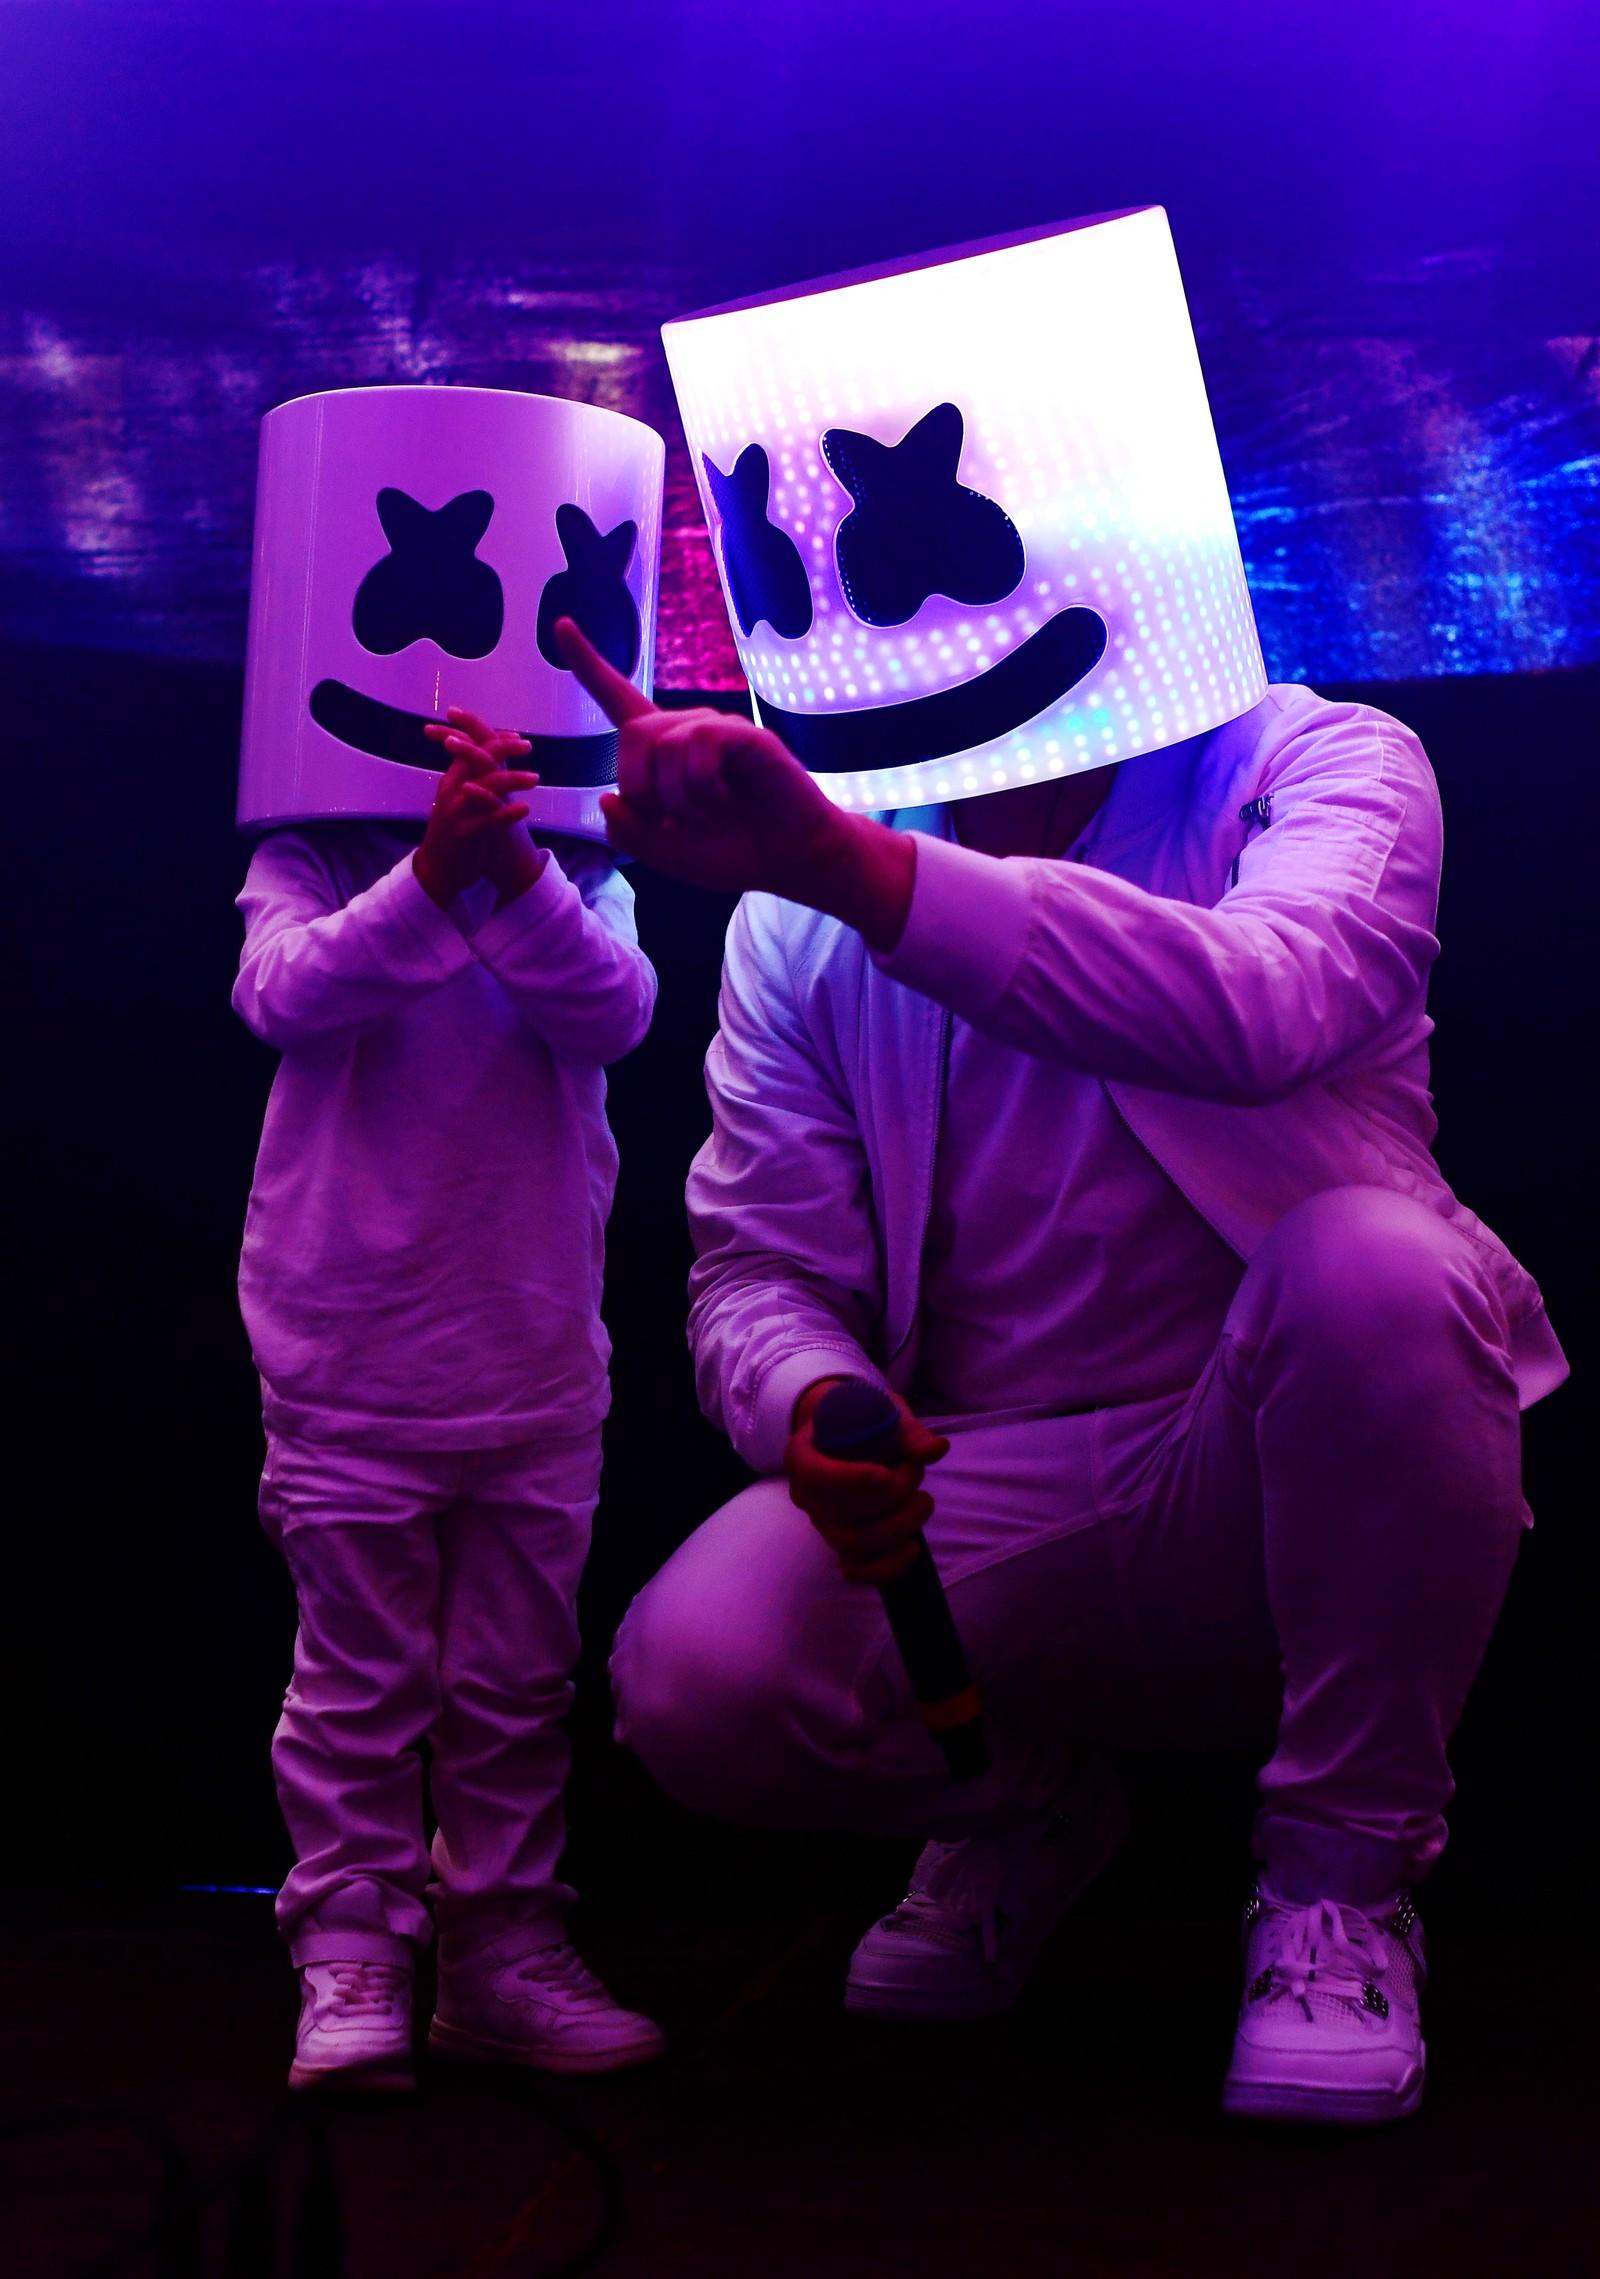 """Dj Marshmello spilte på festivalen """"Hangout Music Festival"""" i Alabama i USA."""